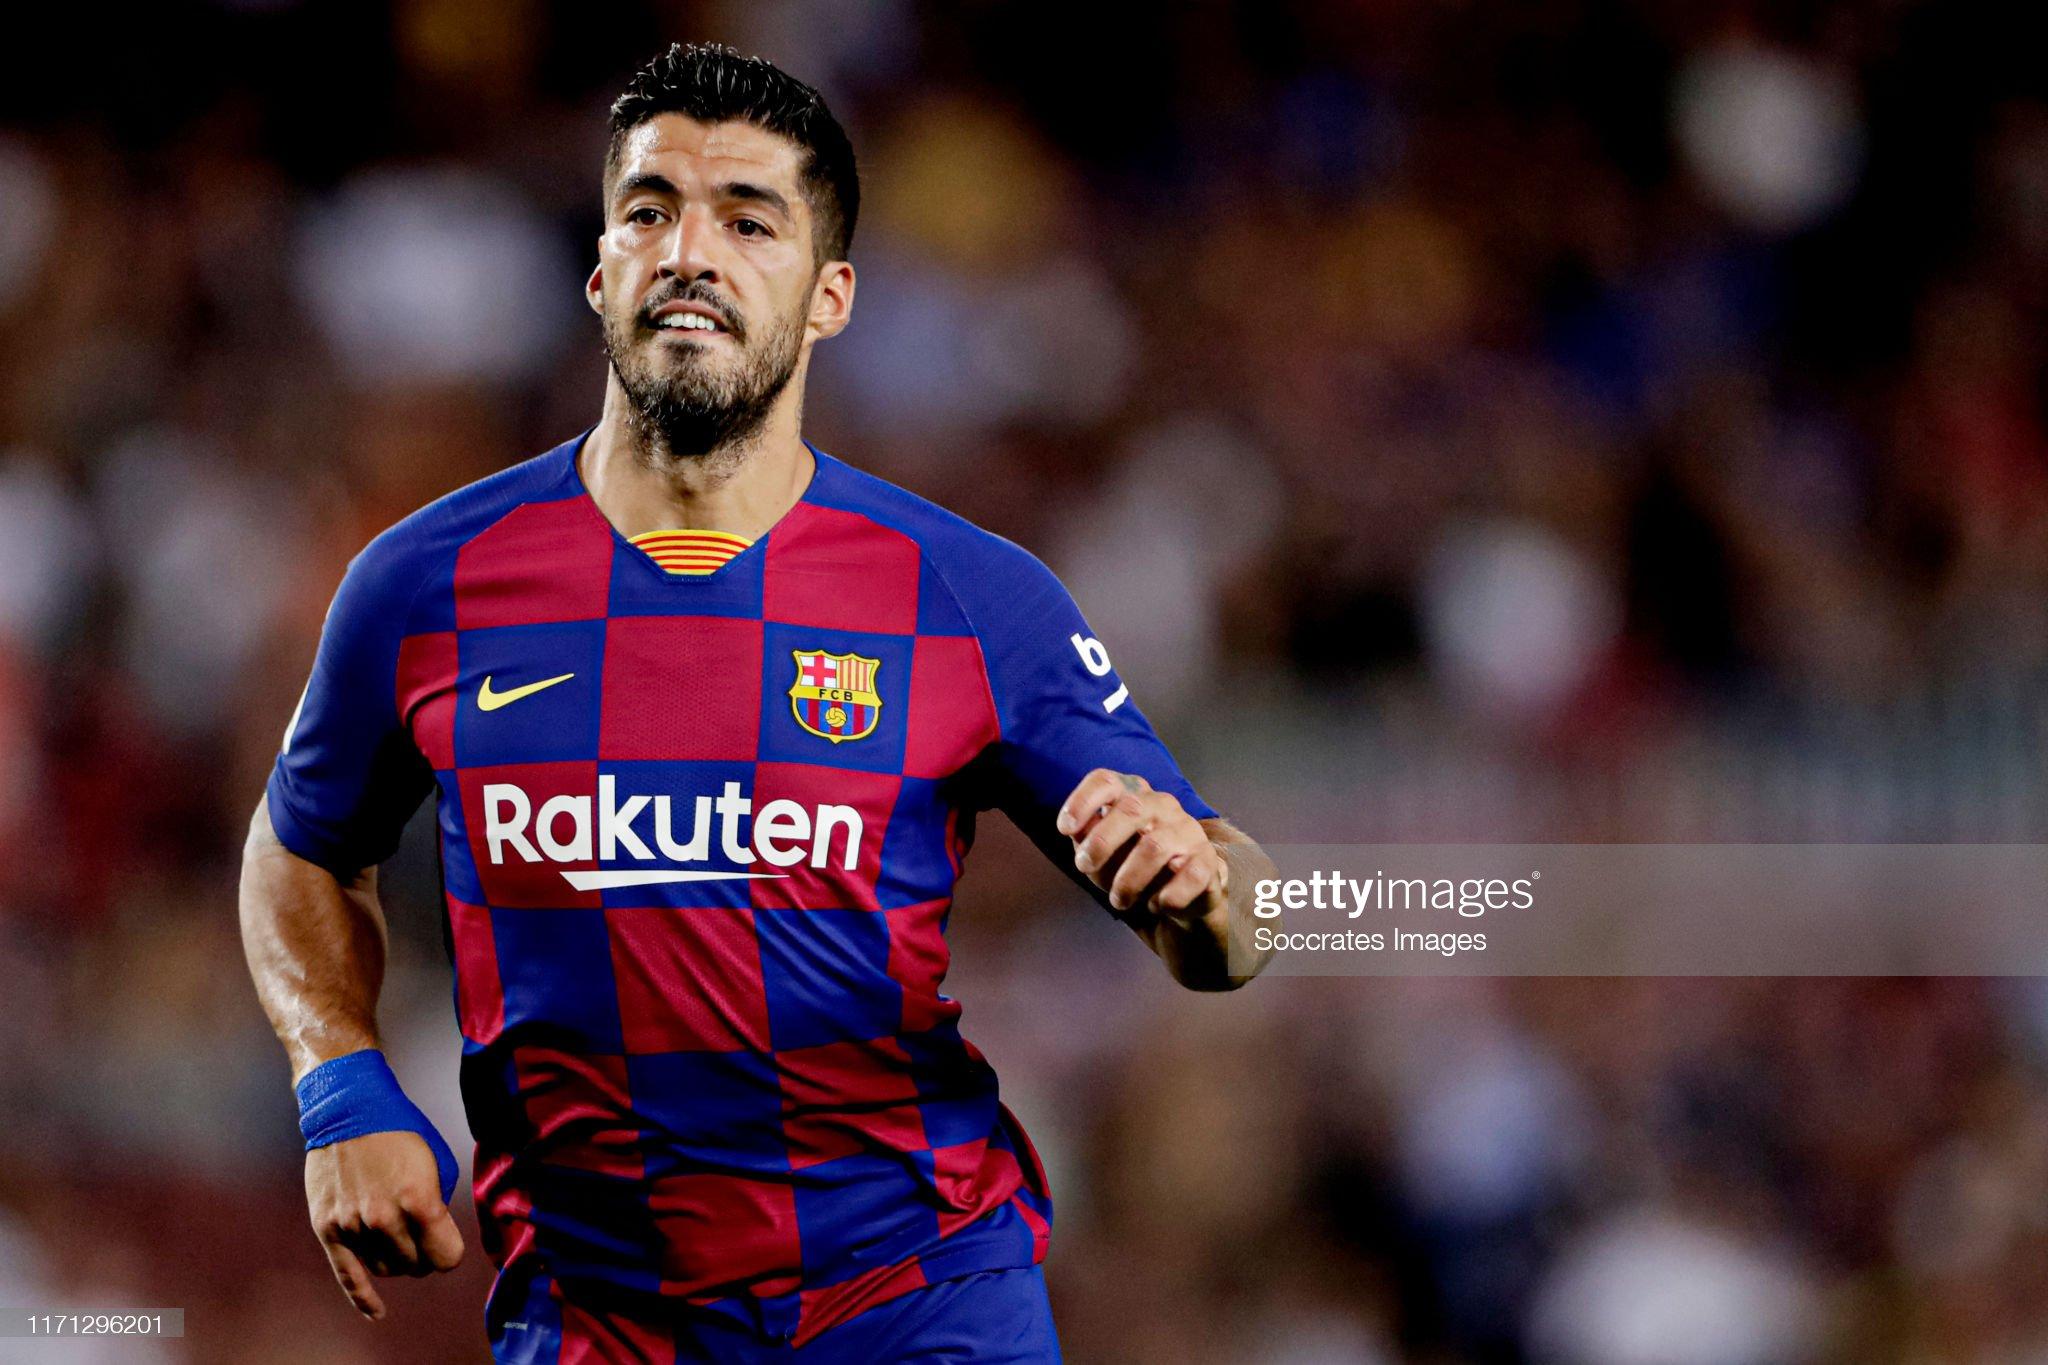 صور مباراة : برشلونة - فياريال 2-1 ( 24-09-2019 )  Luis-suarez-of-fc-barcelona-during-the-la-liga-santander-match-fc-v-picture-id1171296201?s=2048x2048